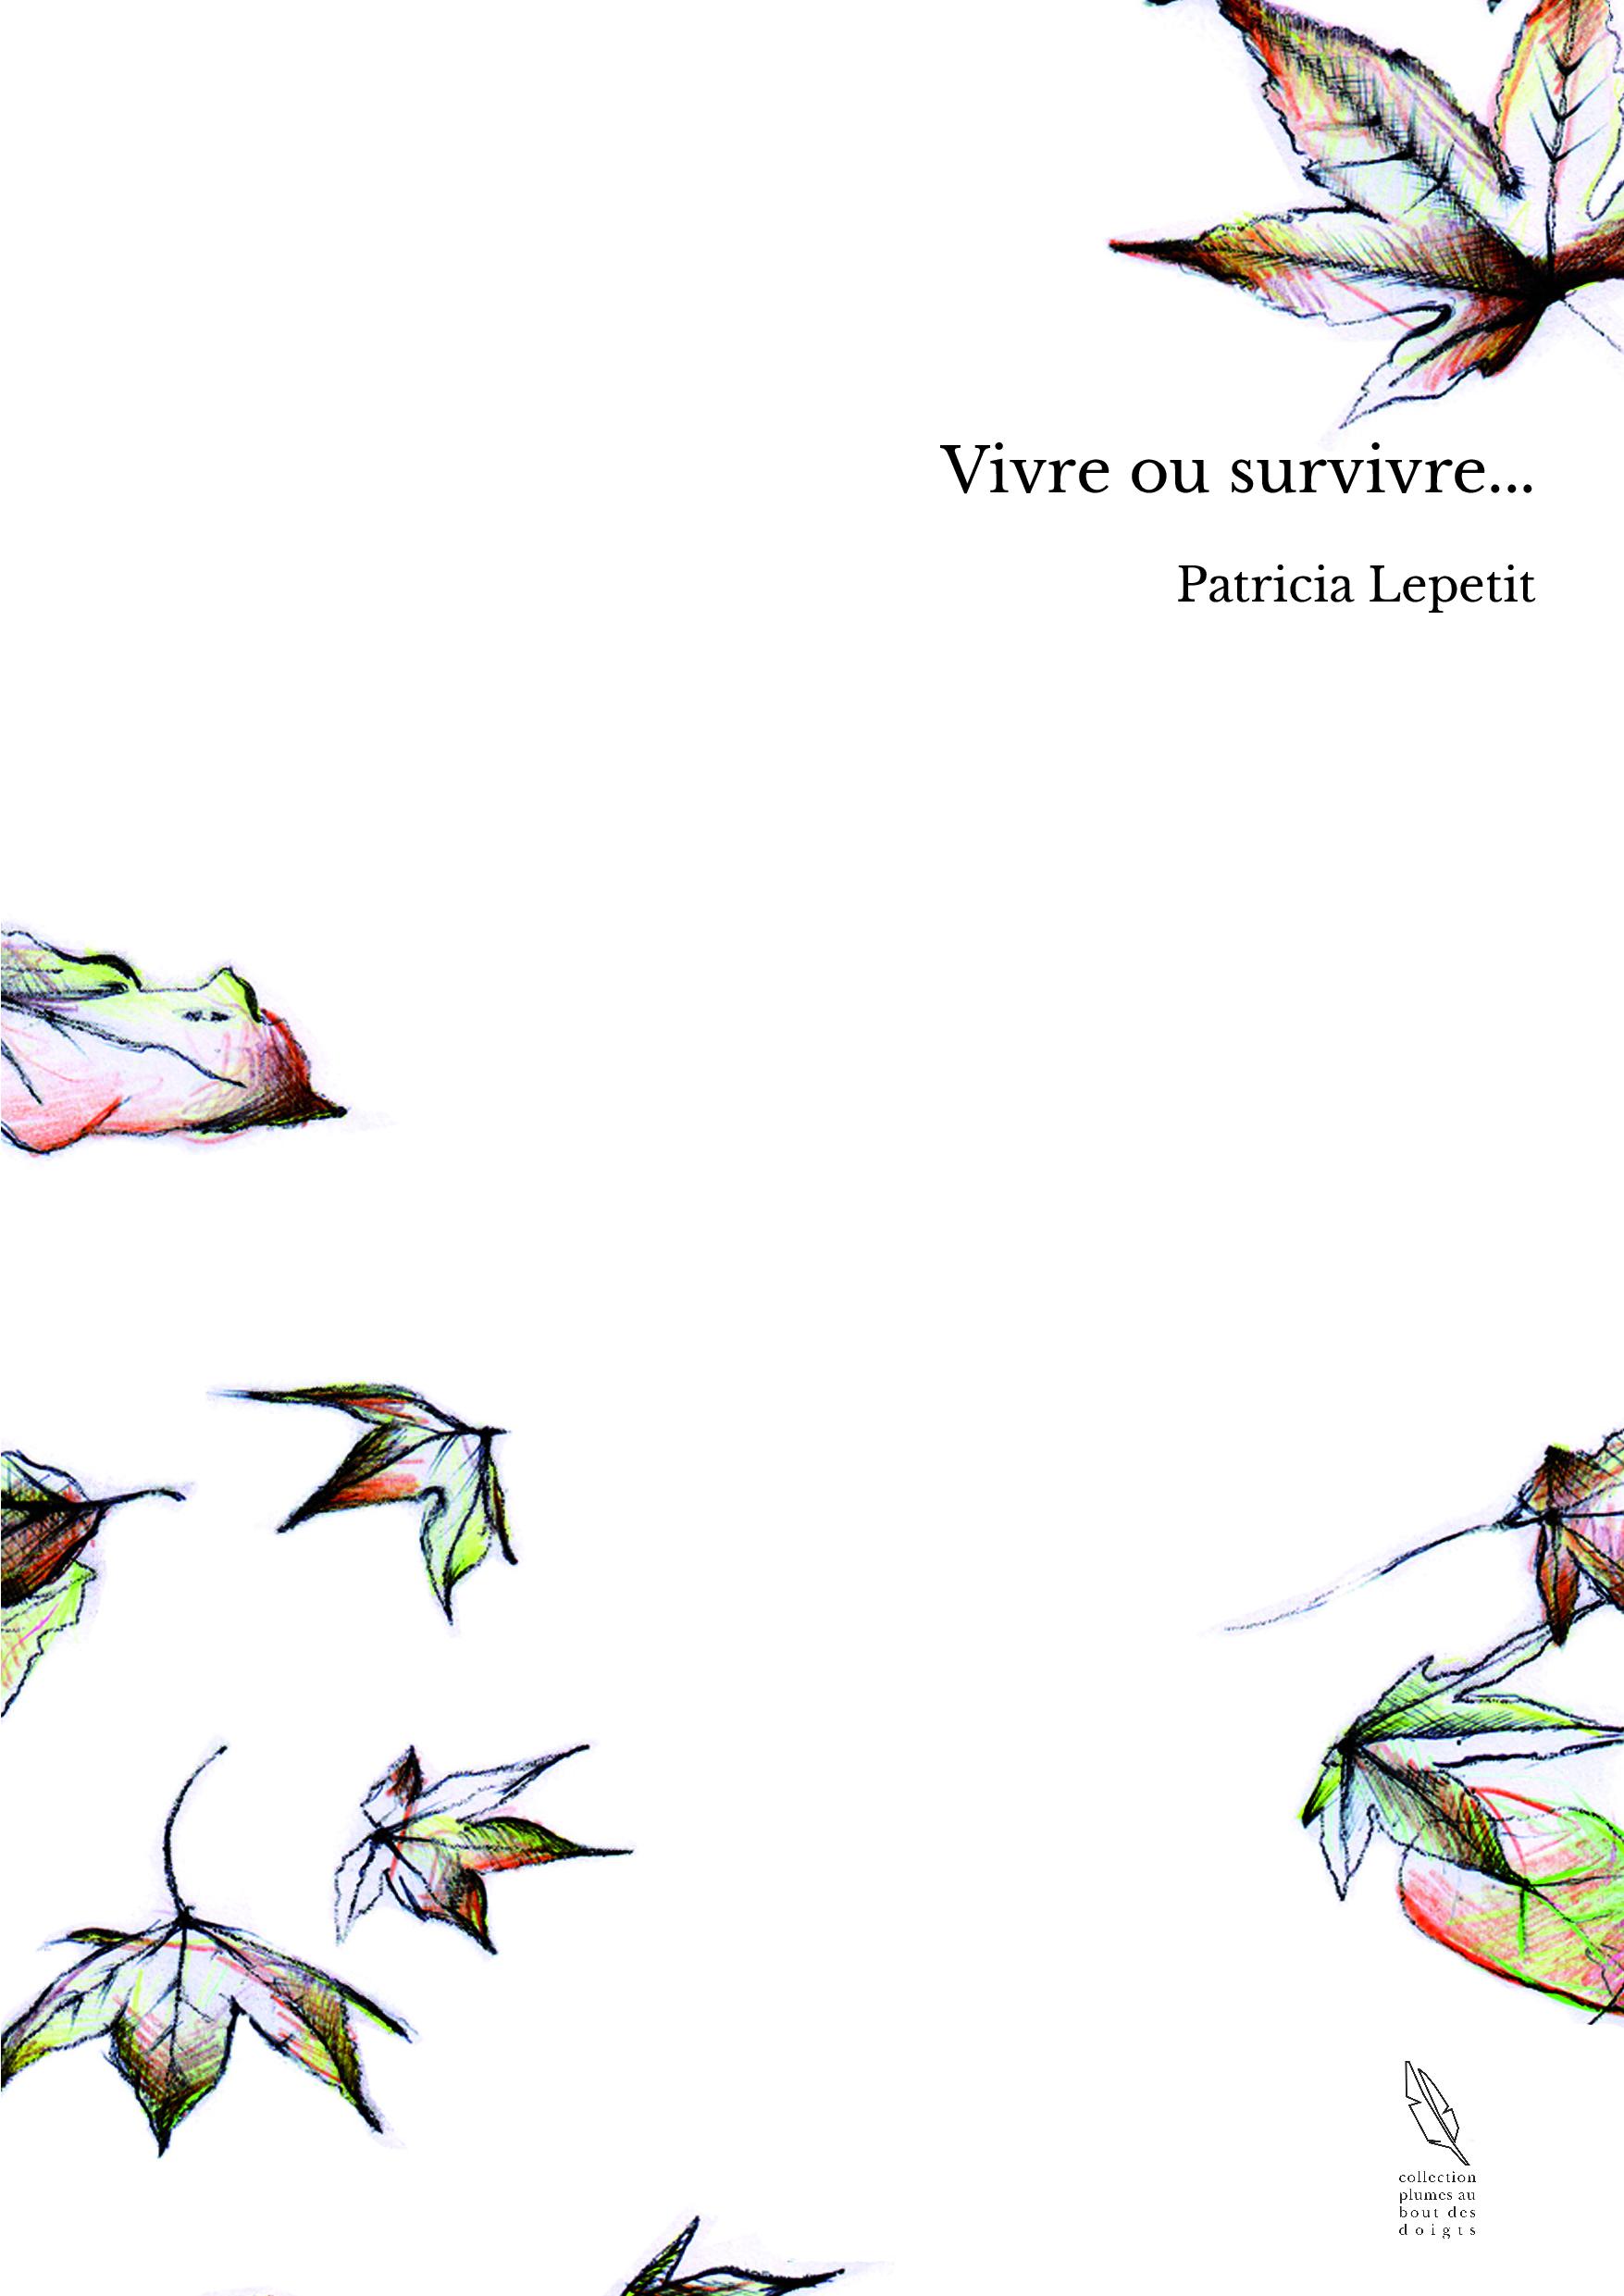 Vivre ou survivre...